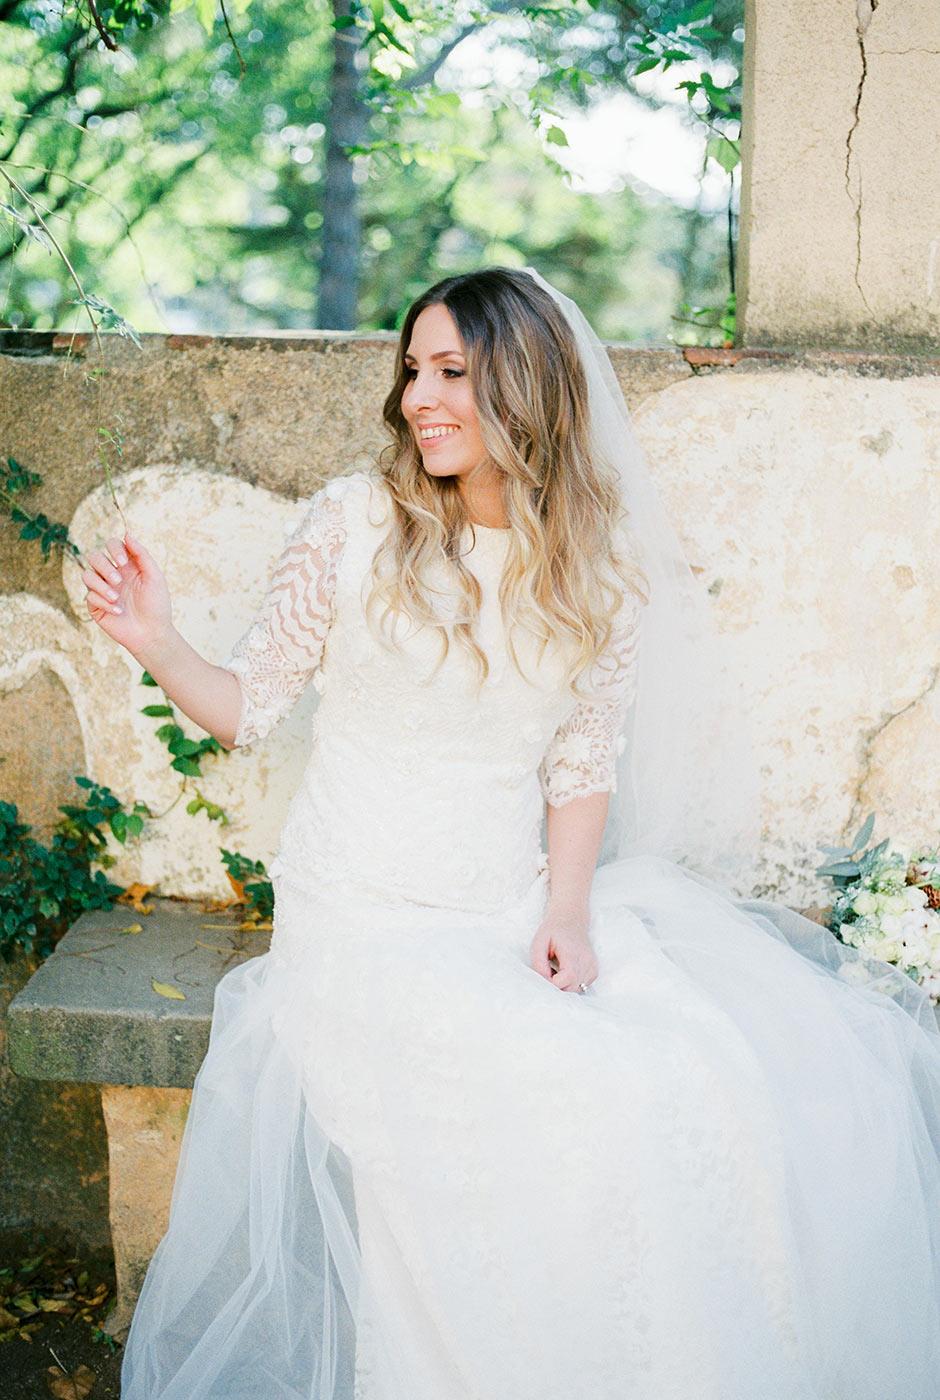 Funky Labyrinth Themed Wedding Ensign - Wedding Idea 2018 ...